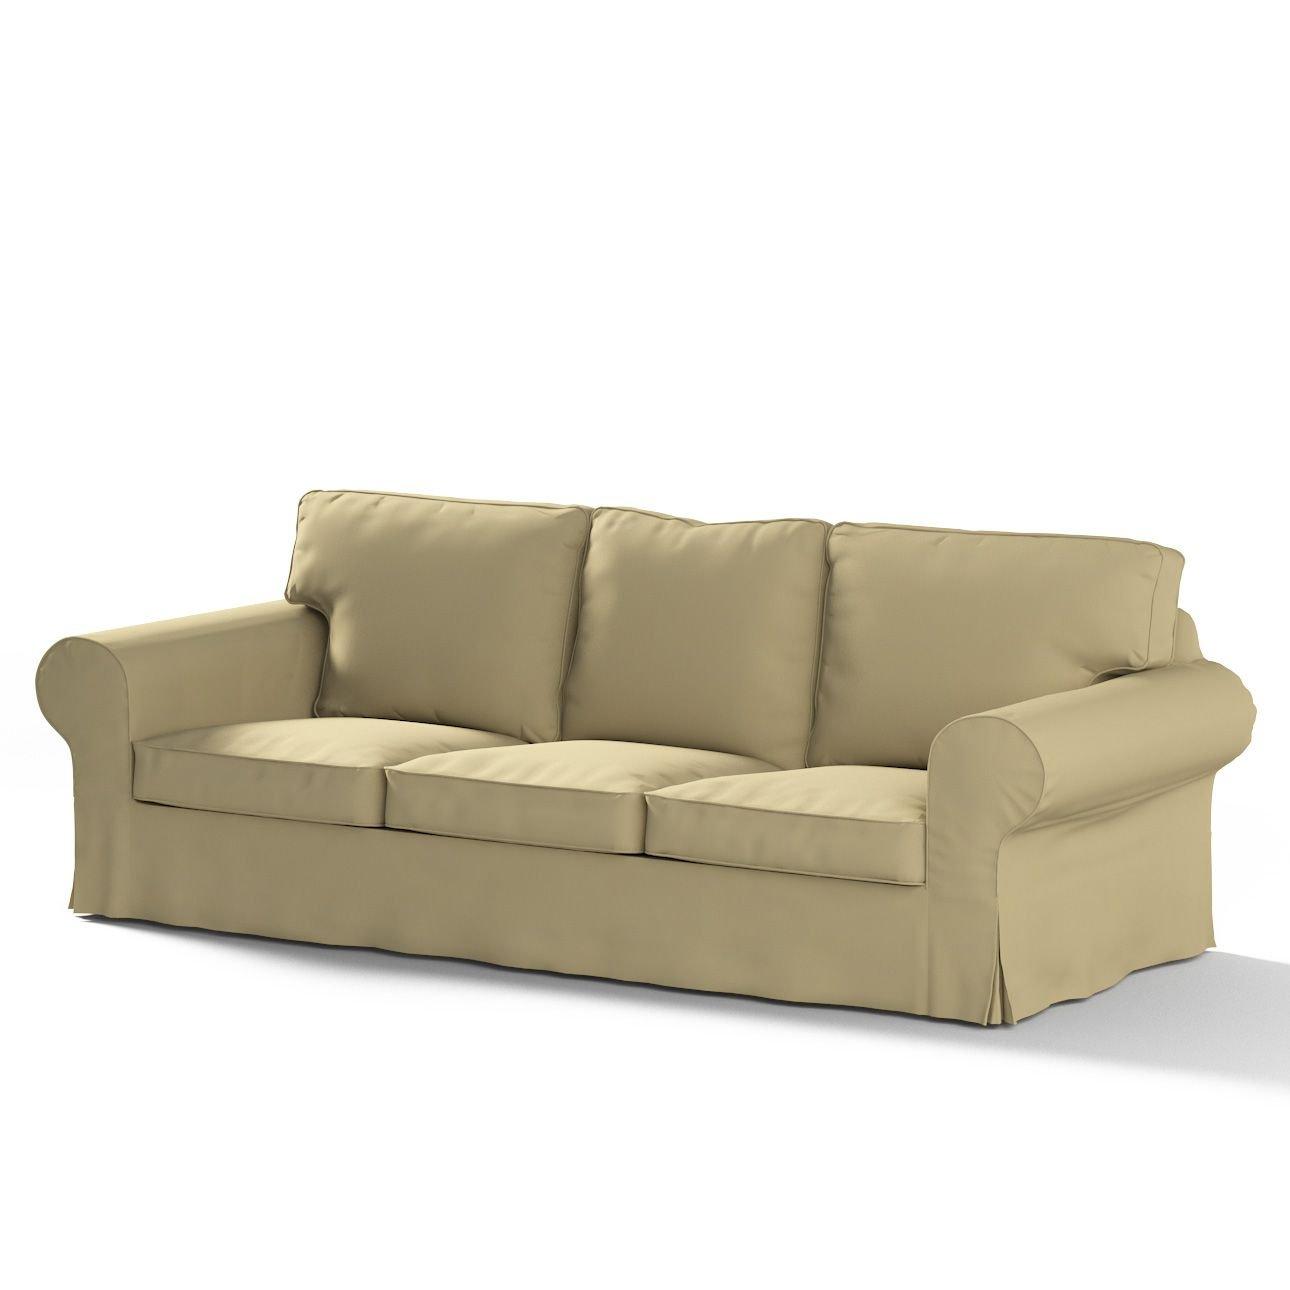 Full Size of Couch Ausklappbar Amazonde Dekoria Ektorp 3 Sitzer Sofabezug Nicht Ausklappbares Bett Wohnzimmer Couch Ausklappbar